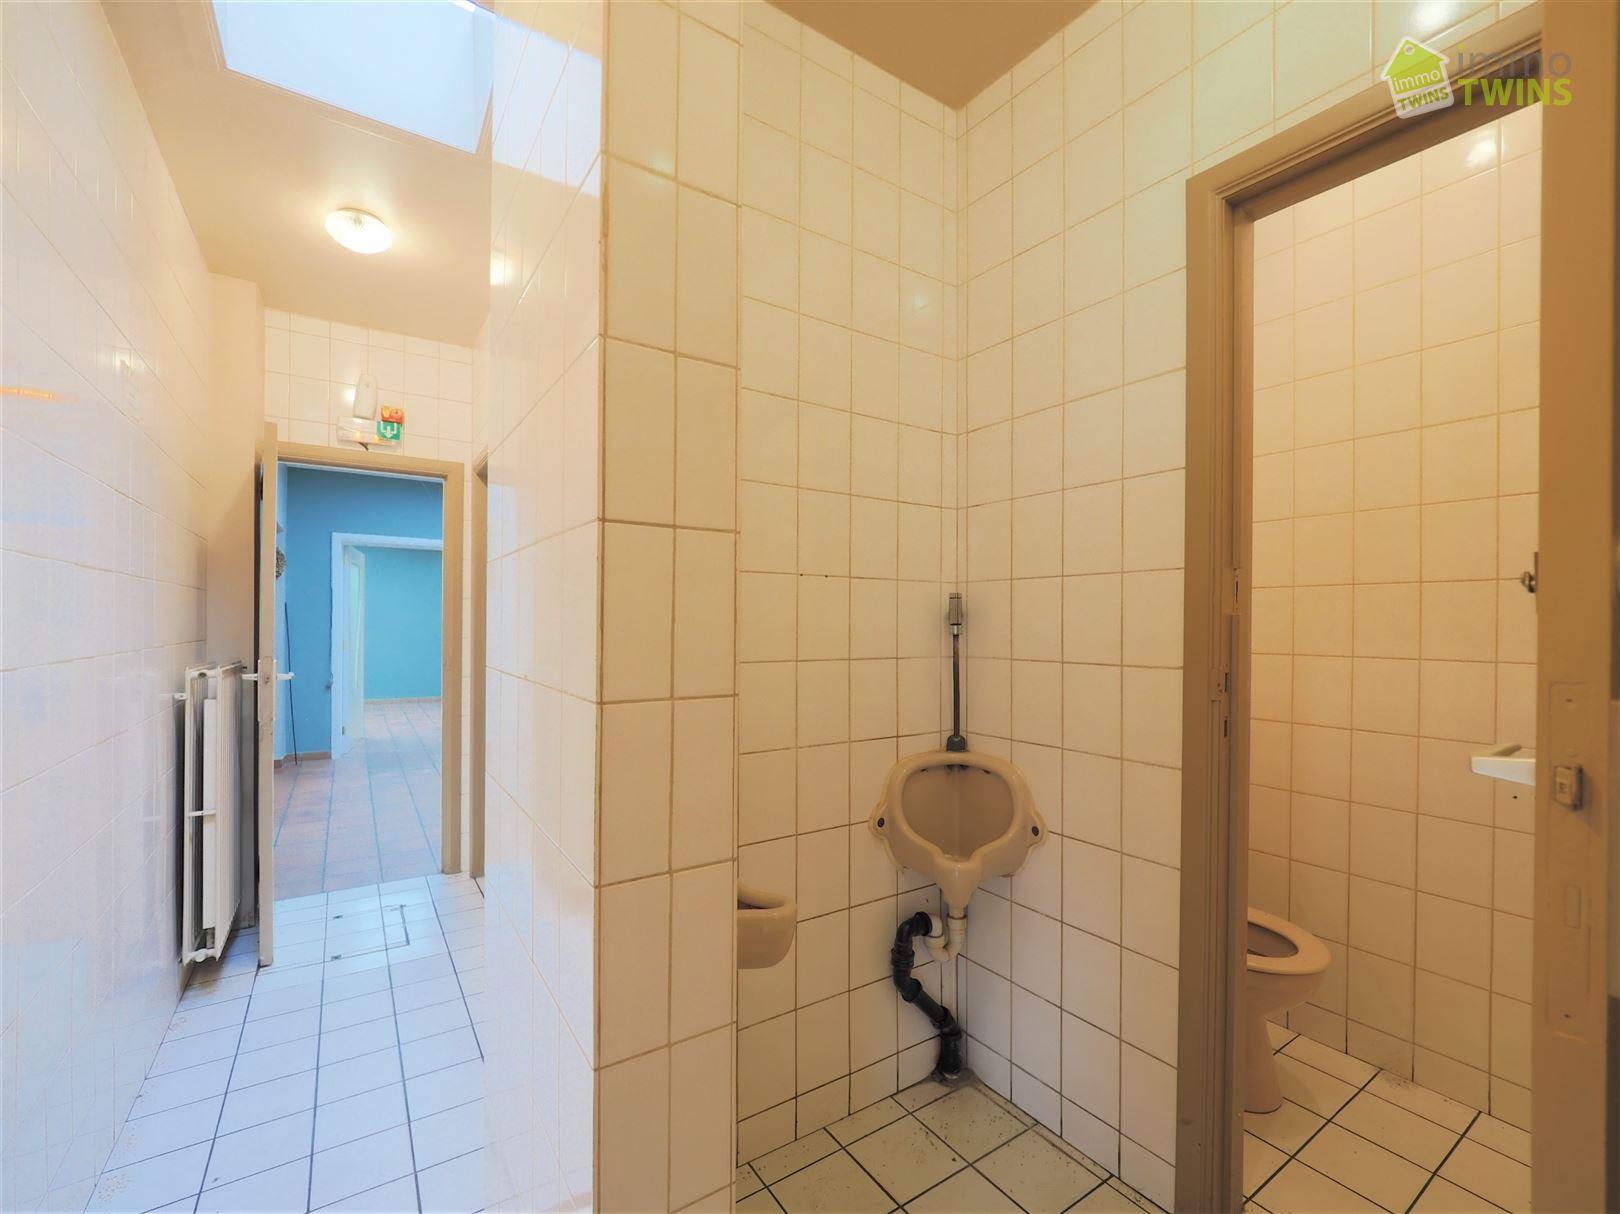 Foto 10 : Huis te 9200 SINT-GILLIS-BIJ-DENDERMONDE (België) - Prijs € 235.000